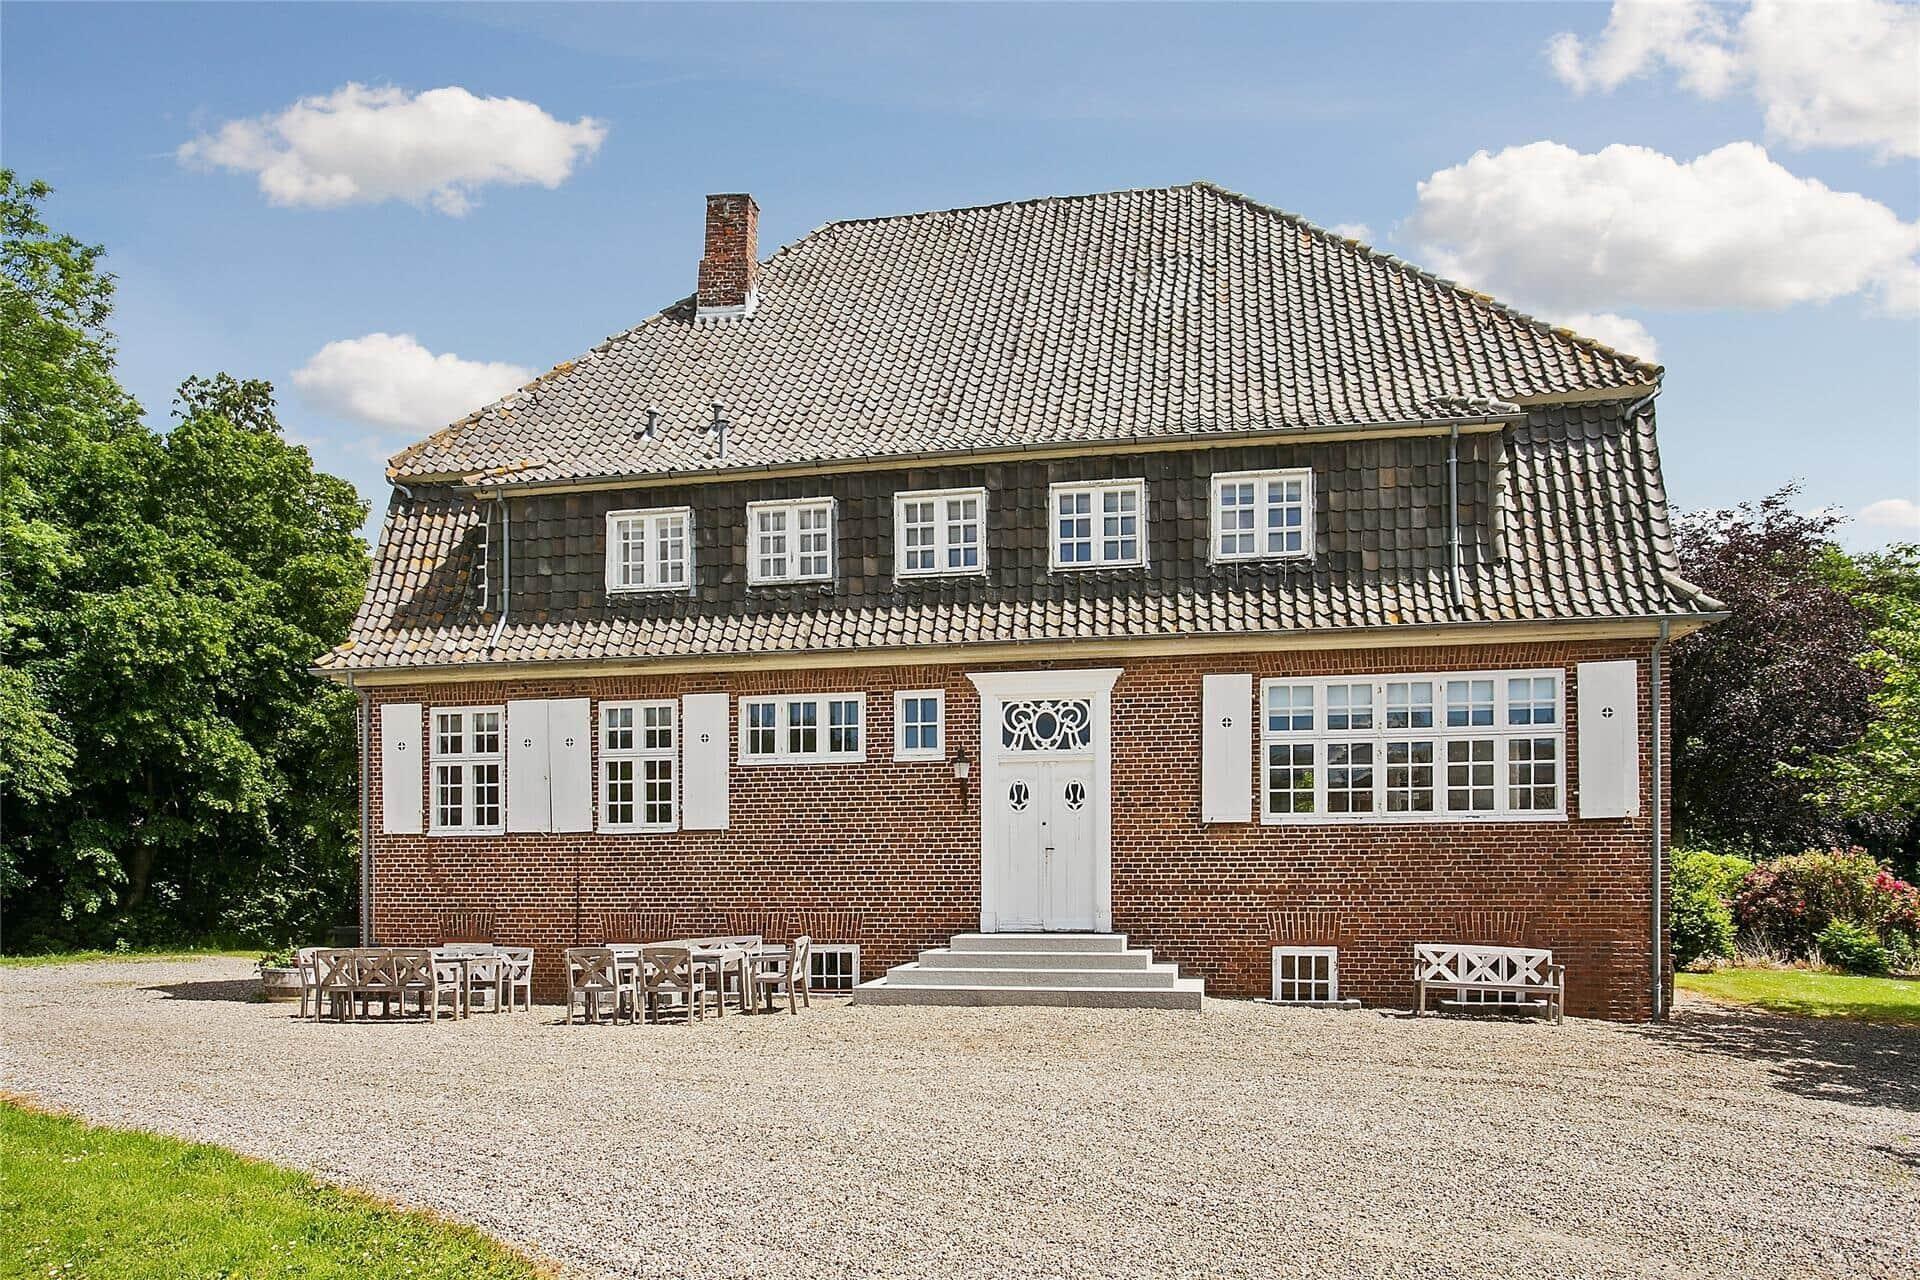 Billede 1-3 Sommerhus F40700, Røjvej 1, DK - 6270 Tønder